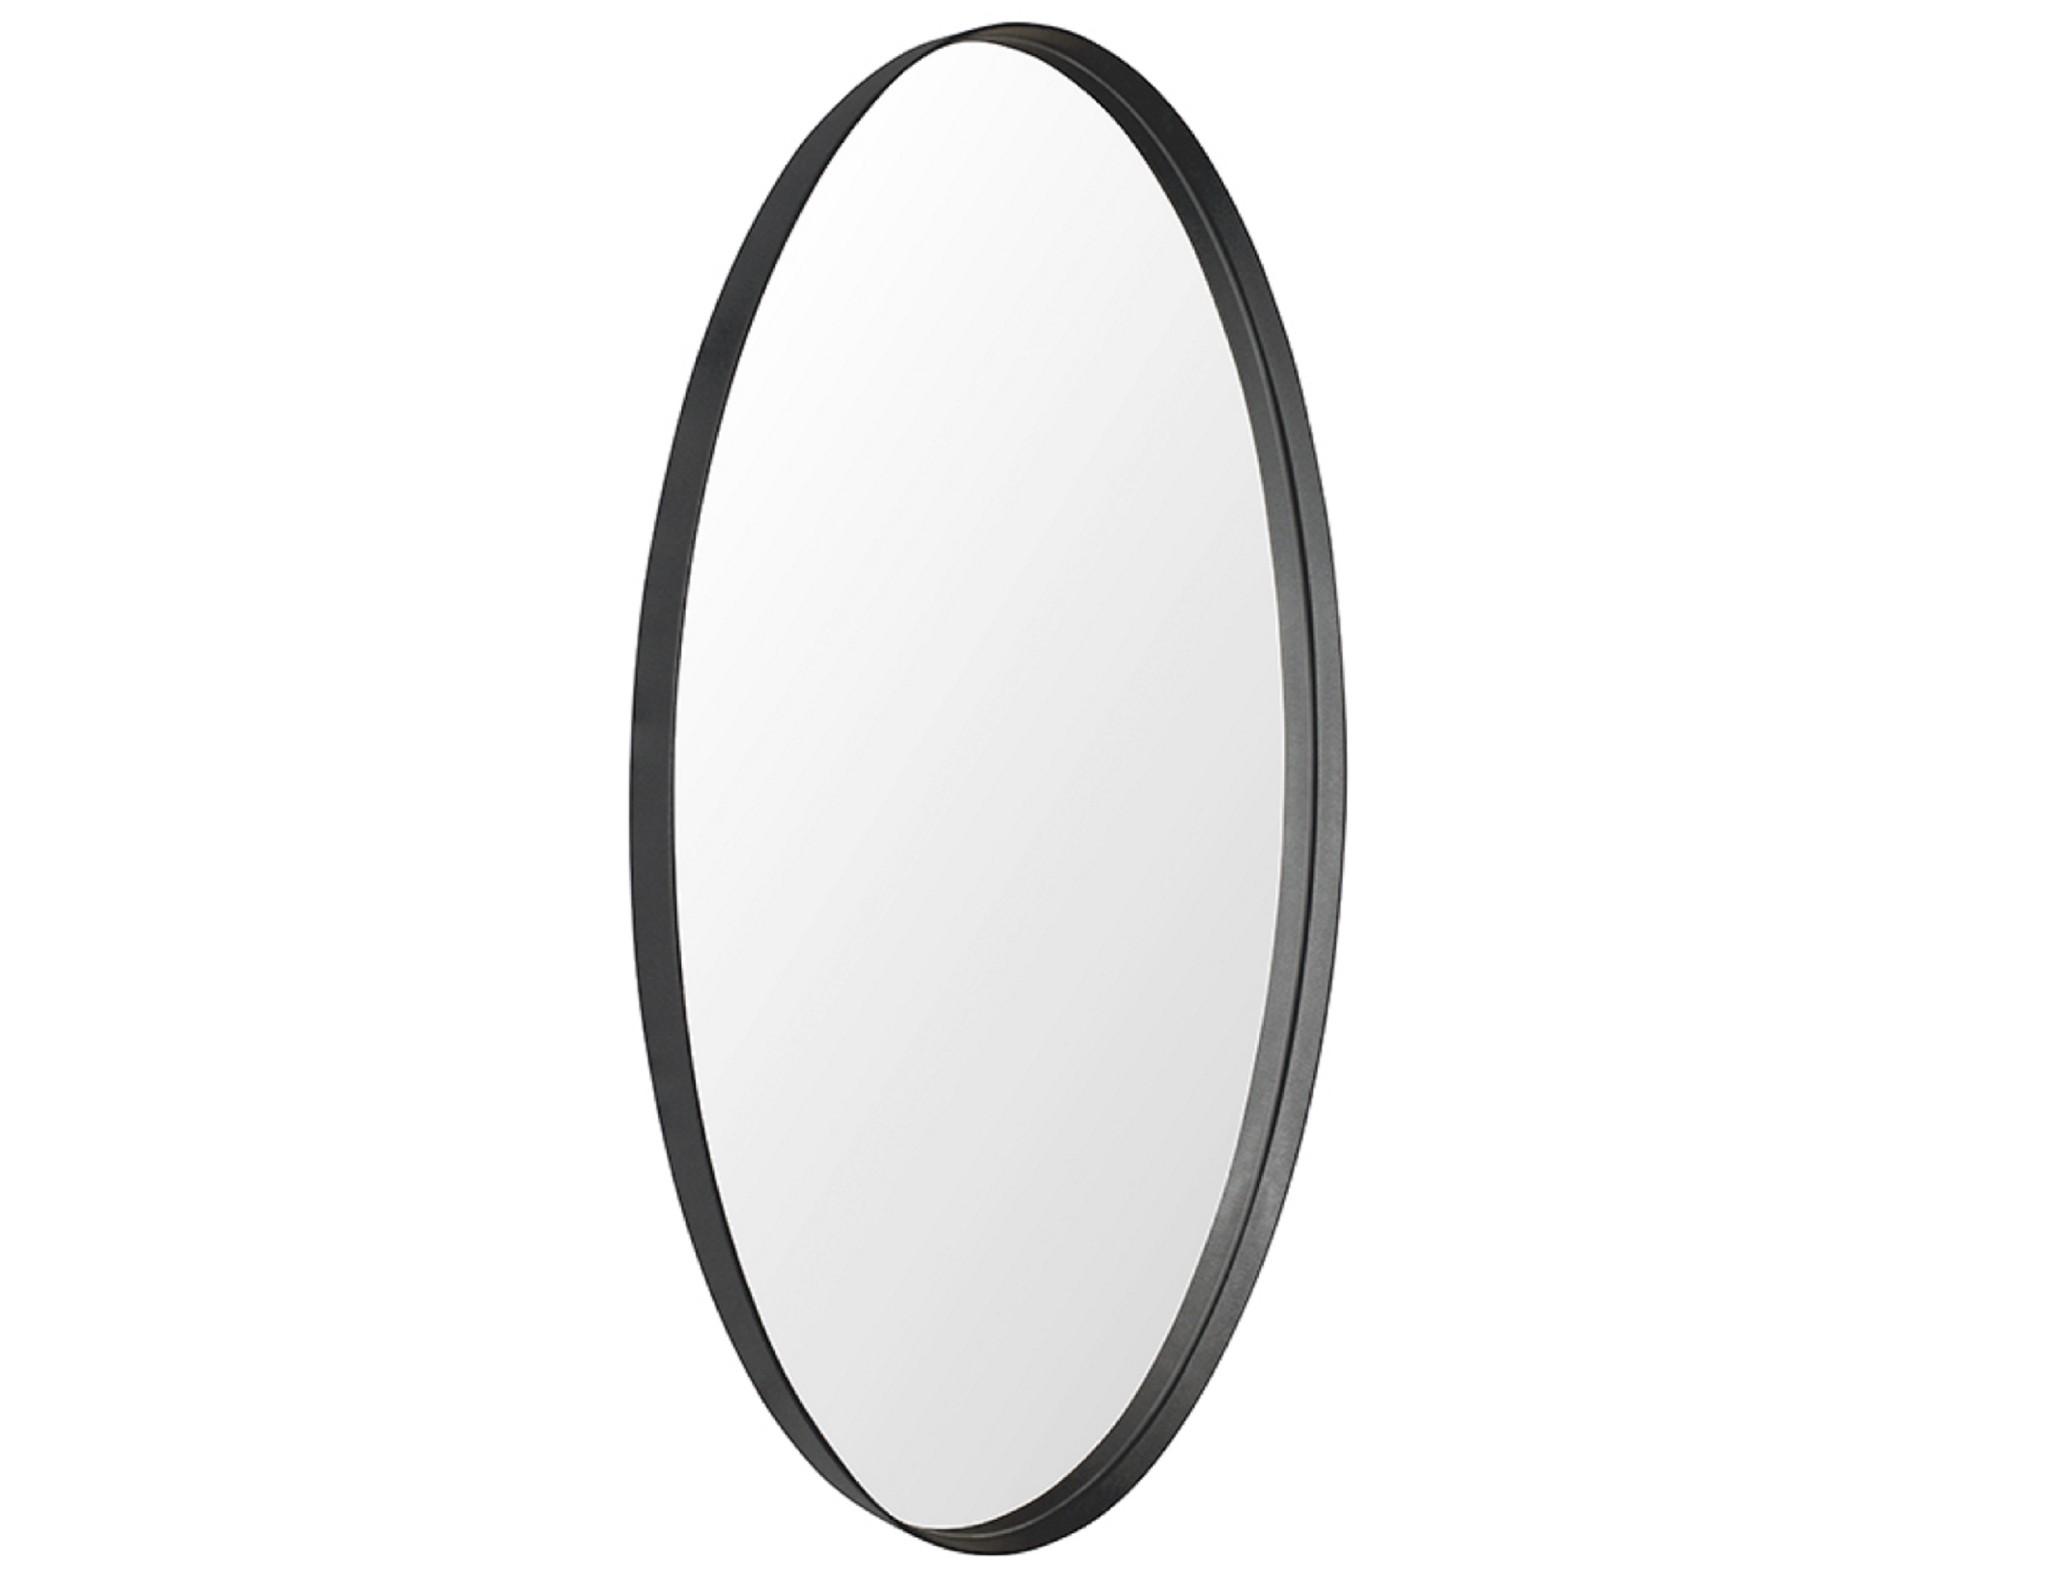 Настенное зеркало лила 80*40 (simple mirror) черный 40.0x80.0x4.0 см.